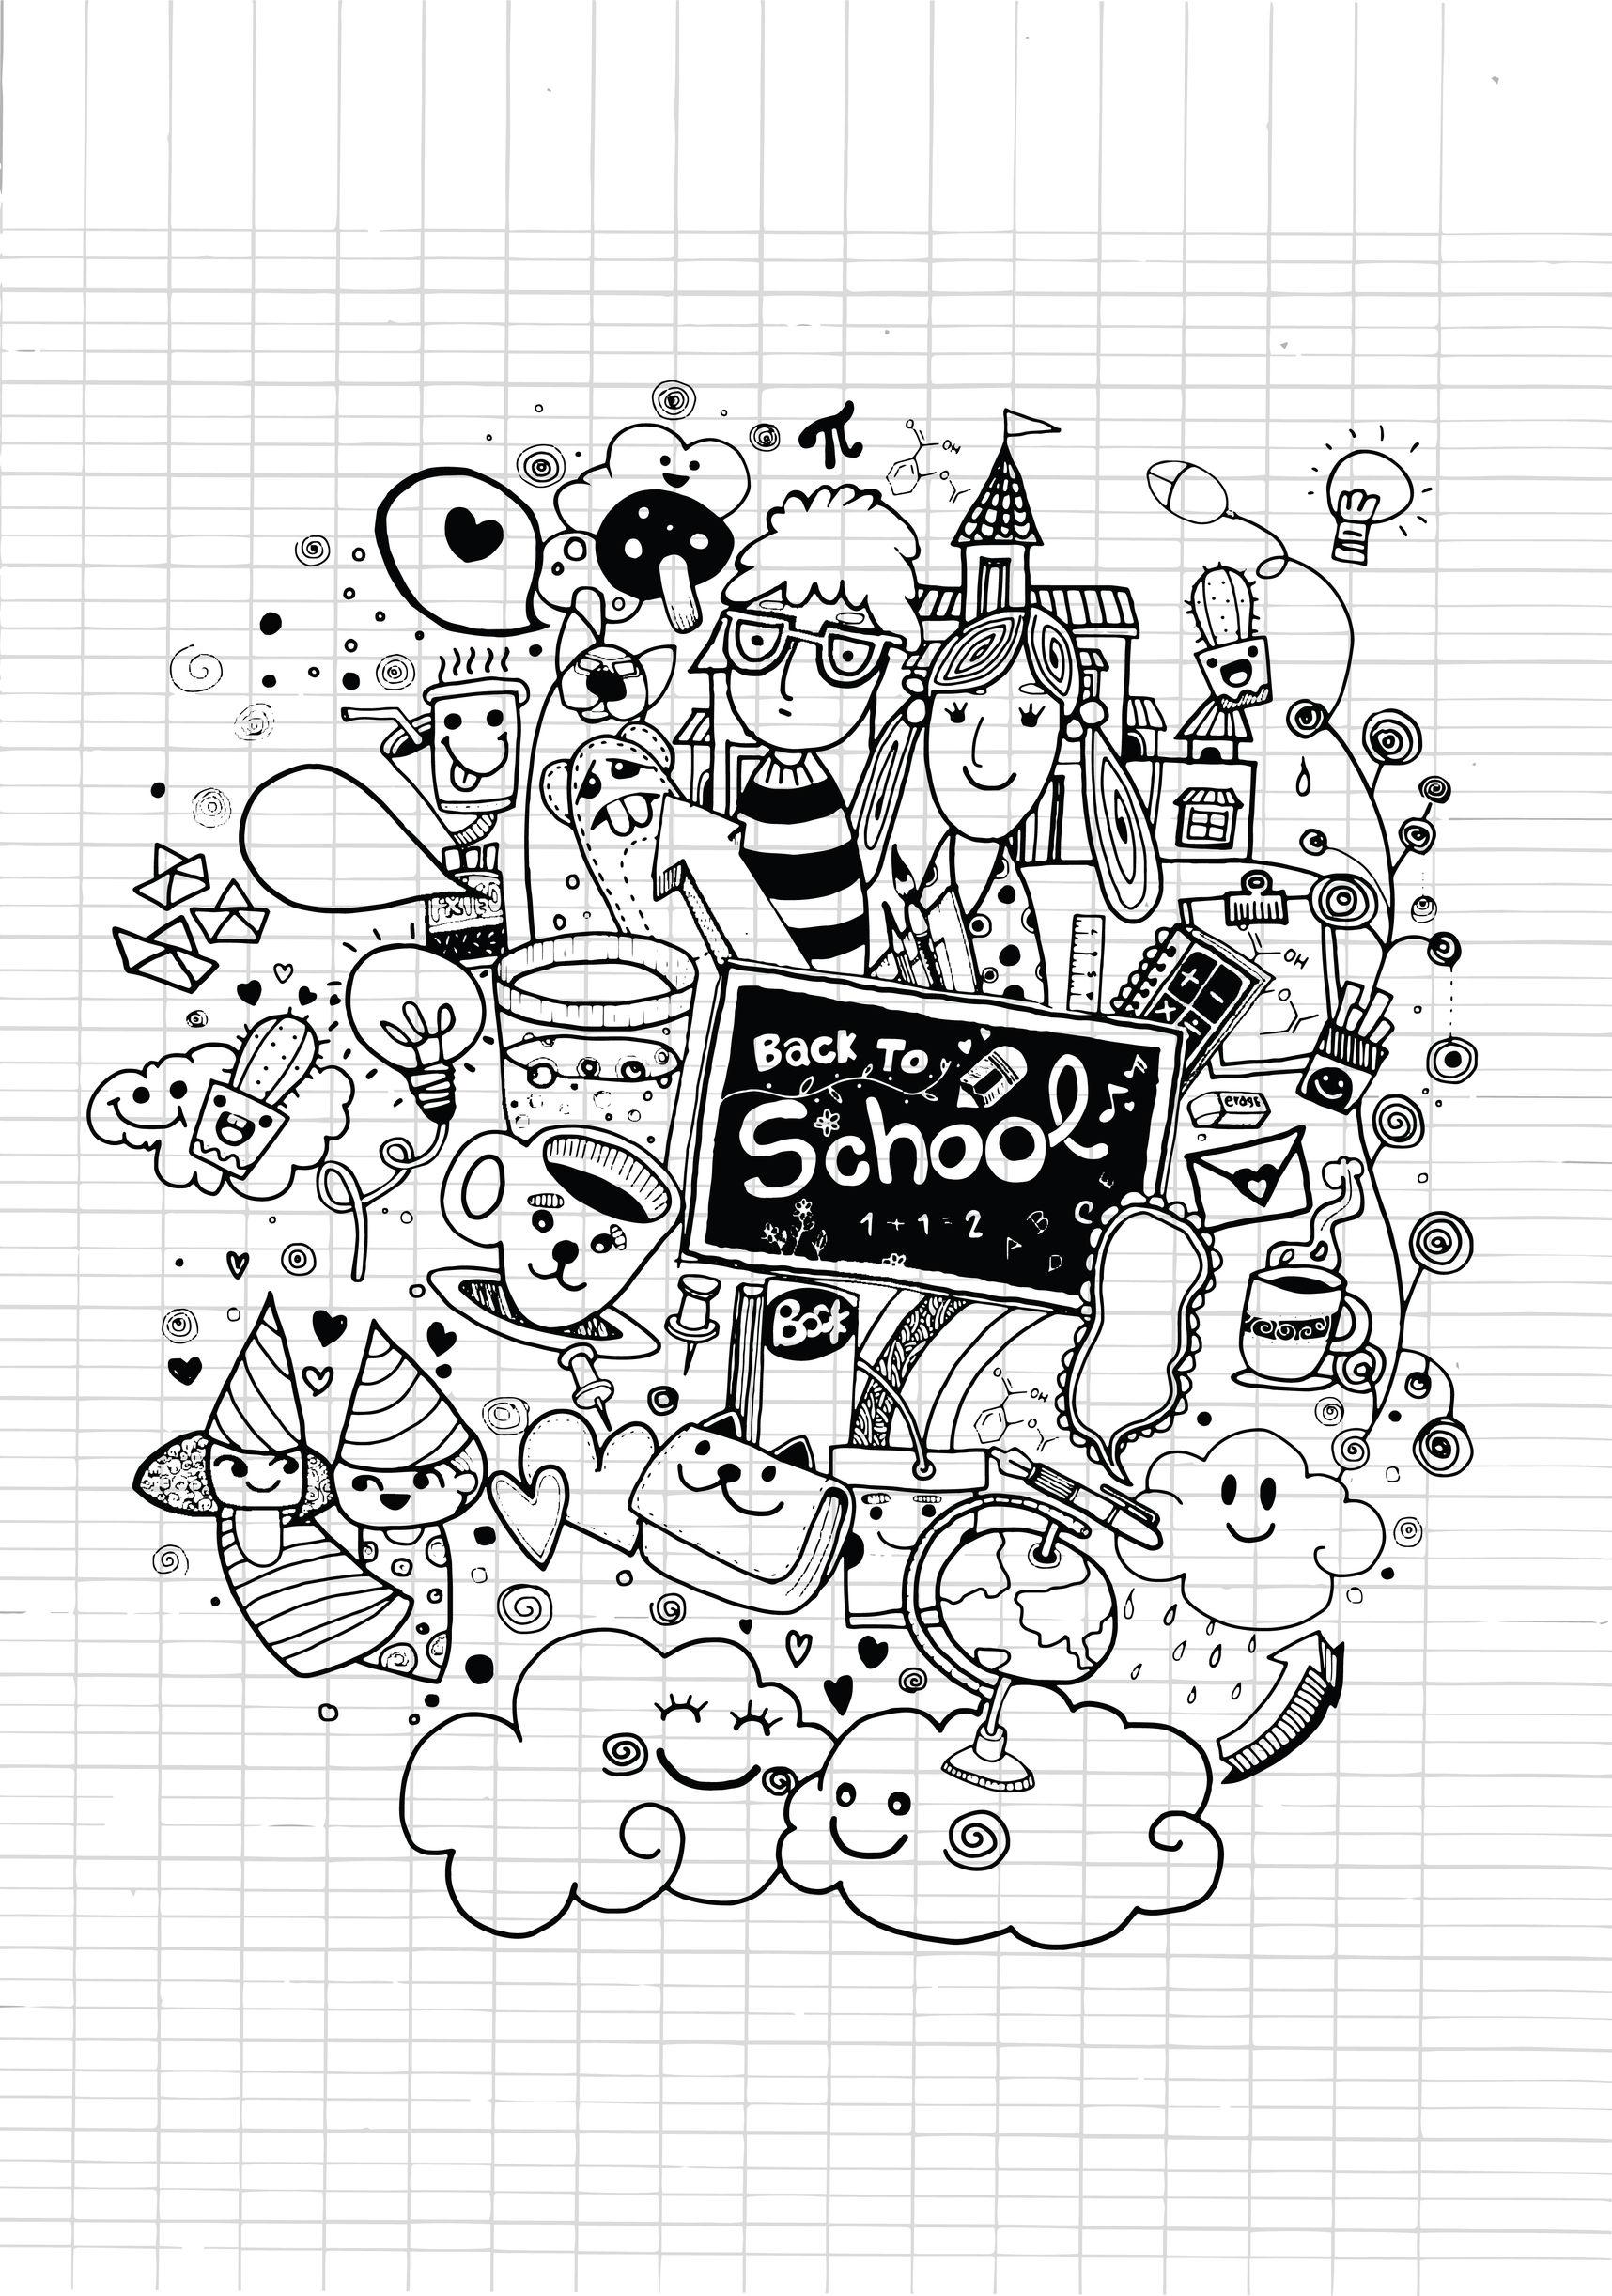 Doodle Rentree Des Classes Sur Cahier - Doodles intérieur Cahier De Coloriages Pour Adultes